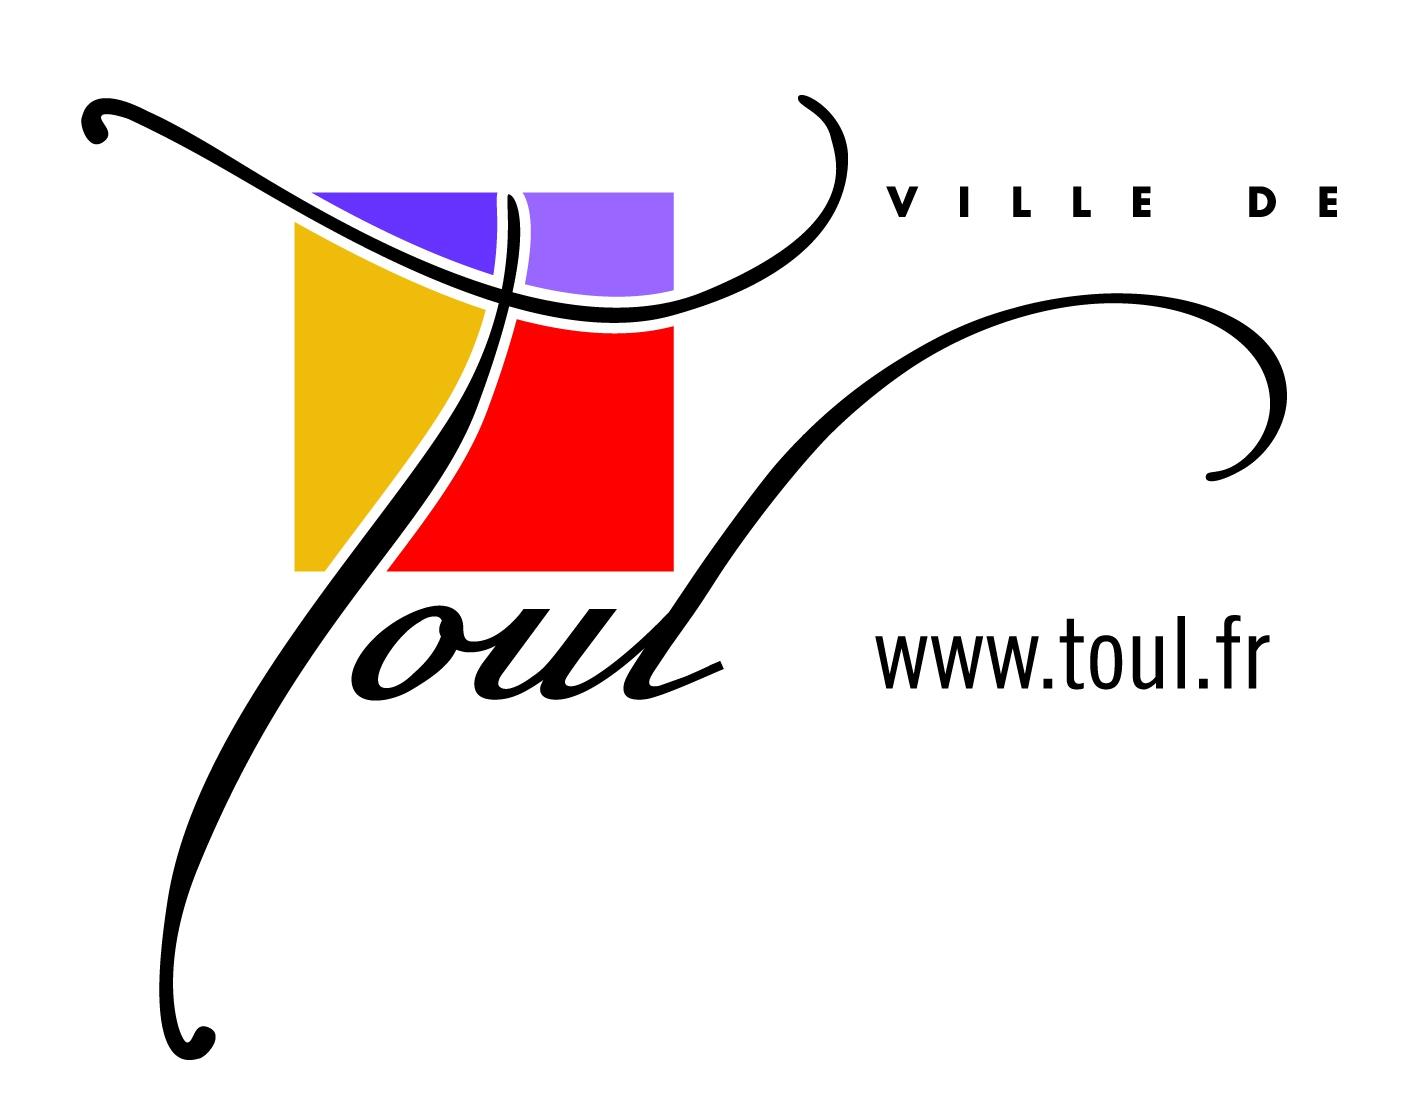 Ville Toul